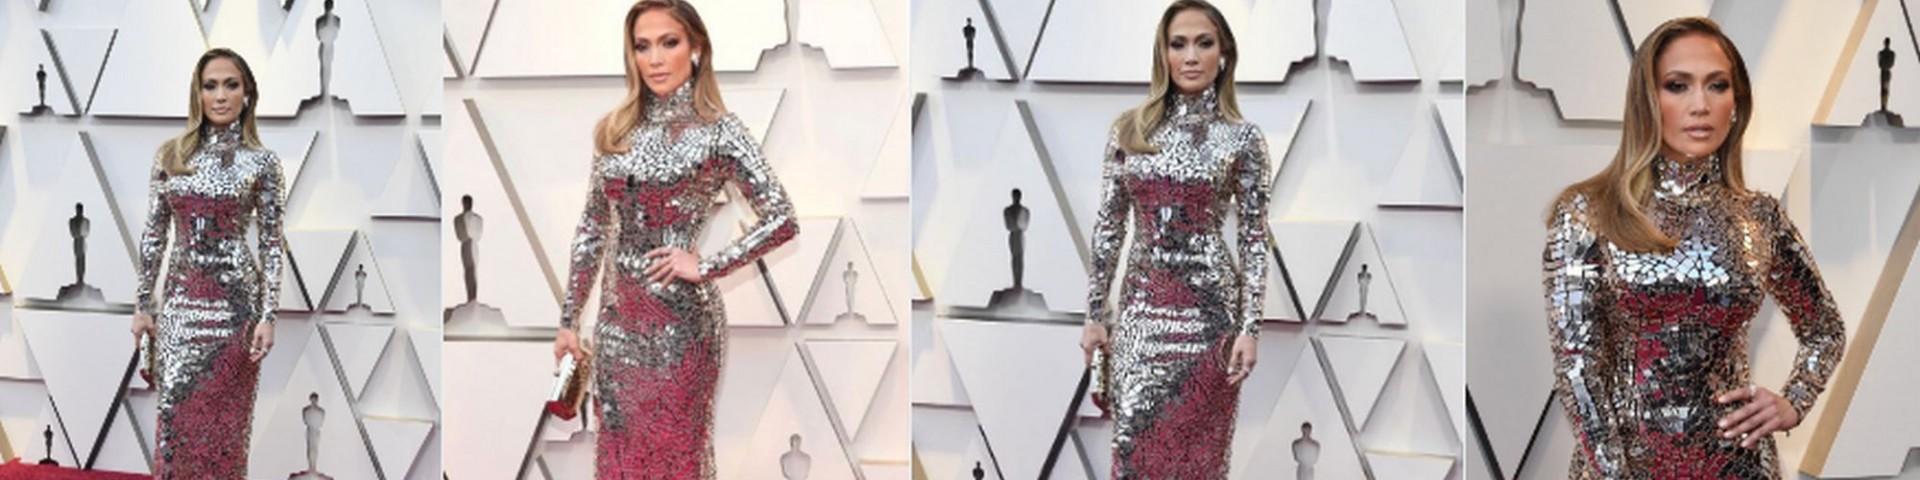 Oscar 2019: la top 3 dei look più stravaganti - Foto